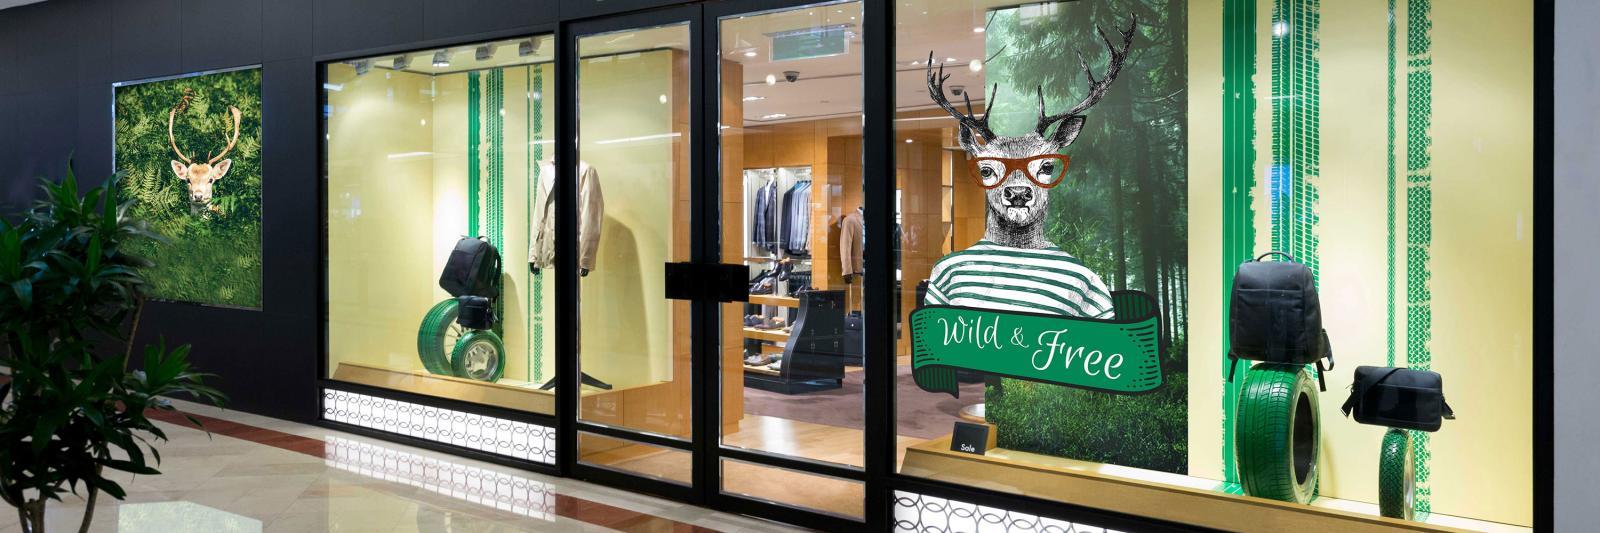 Druckmedien selbstklebend für Werbeschilder - Schaufenster Boutique mit grüner Werbung und Hirsch mit Brille und T-Shirt